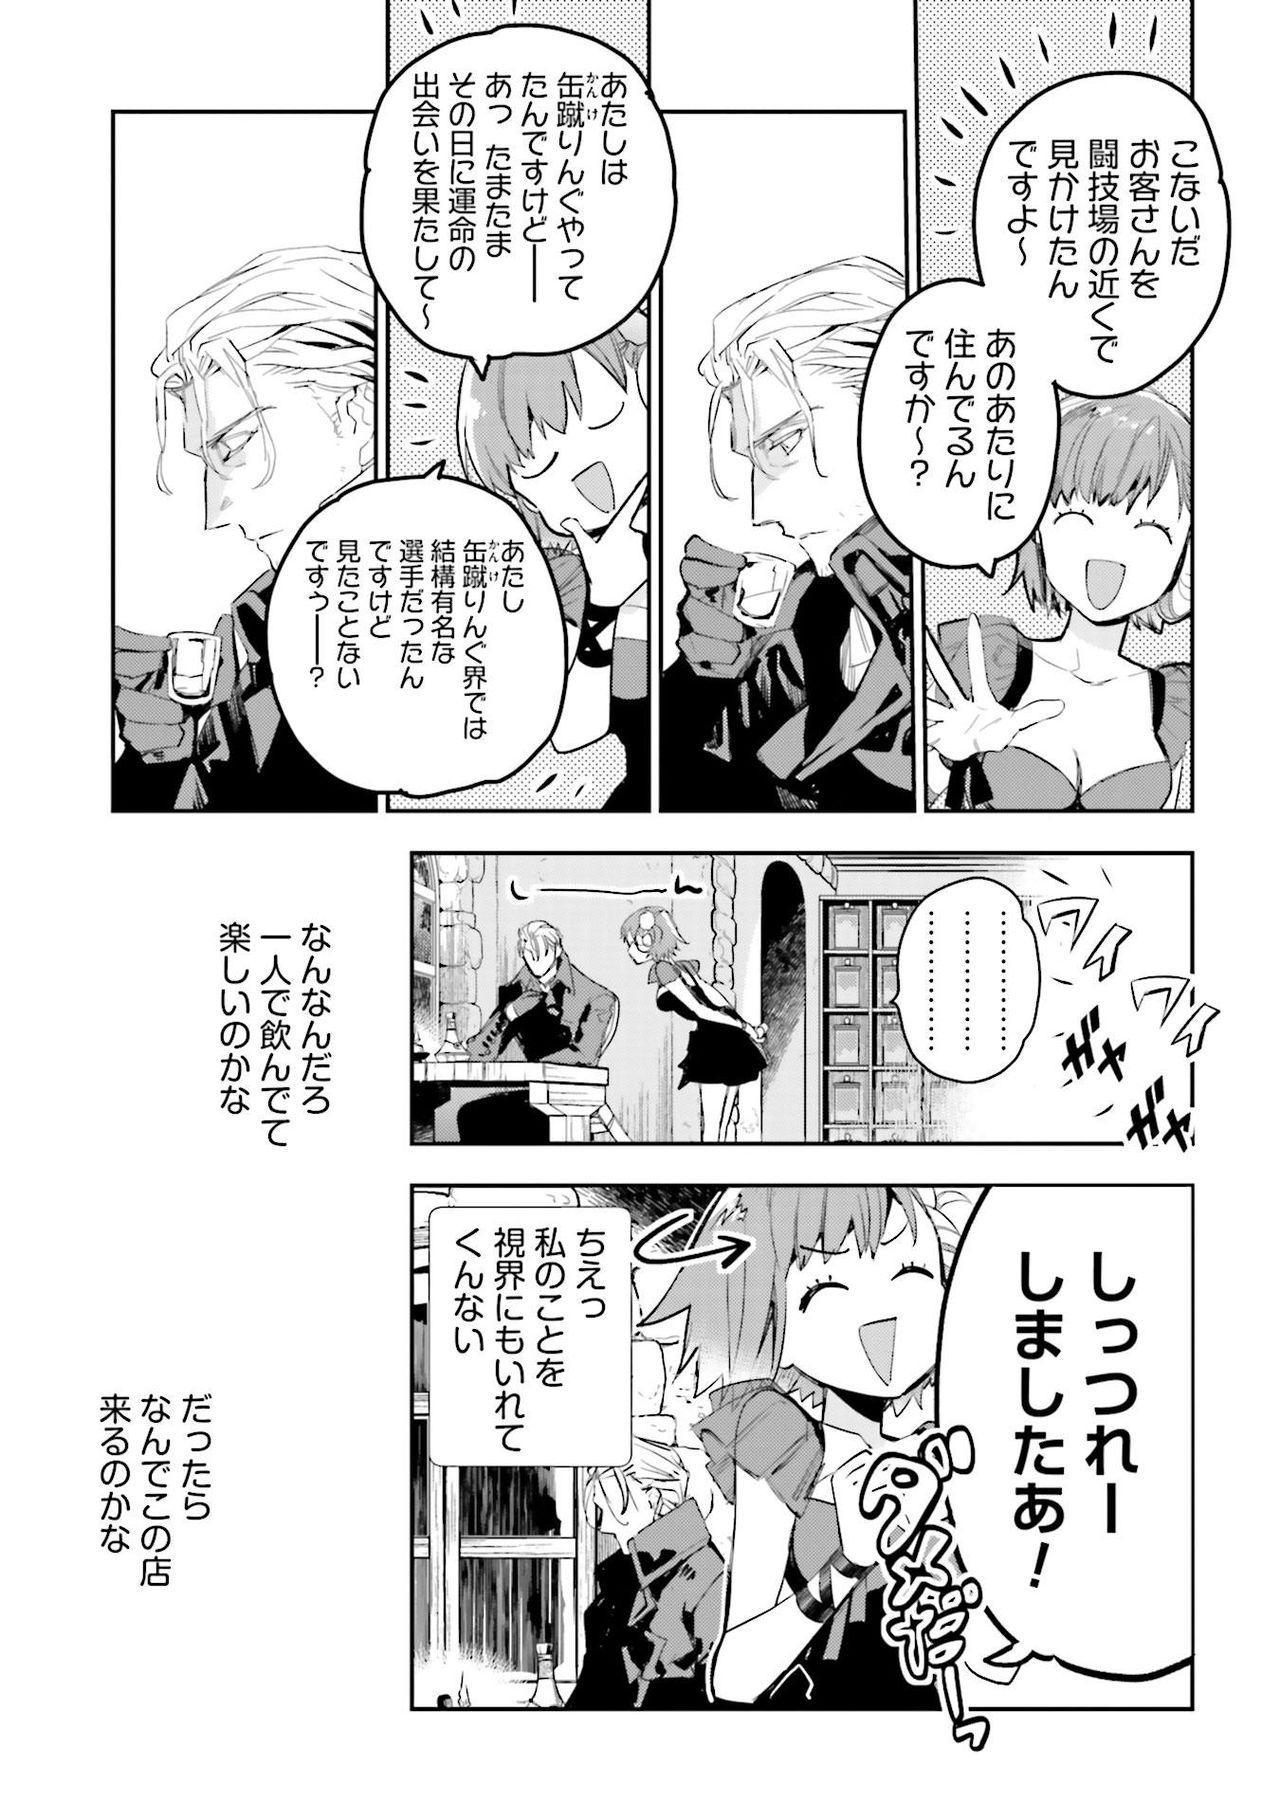 JK Haru wa Isekai de Shoufu ni Natta 1-14 452